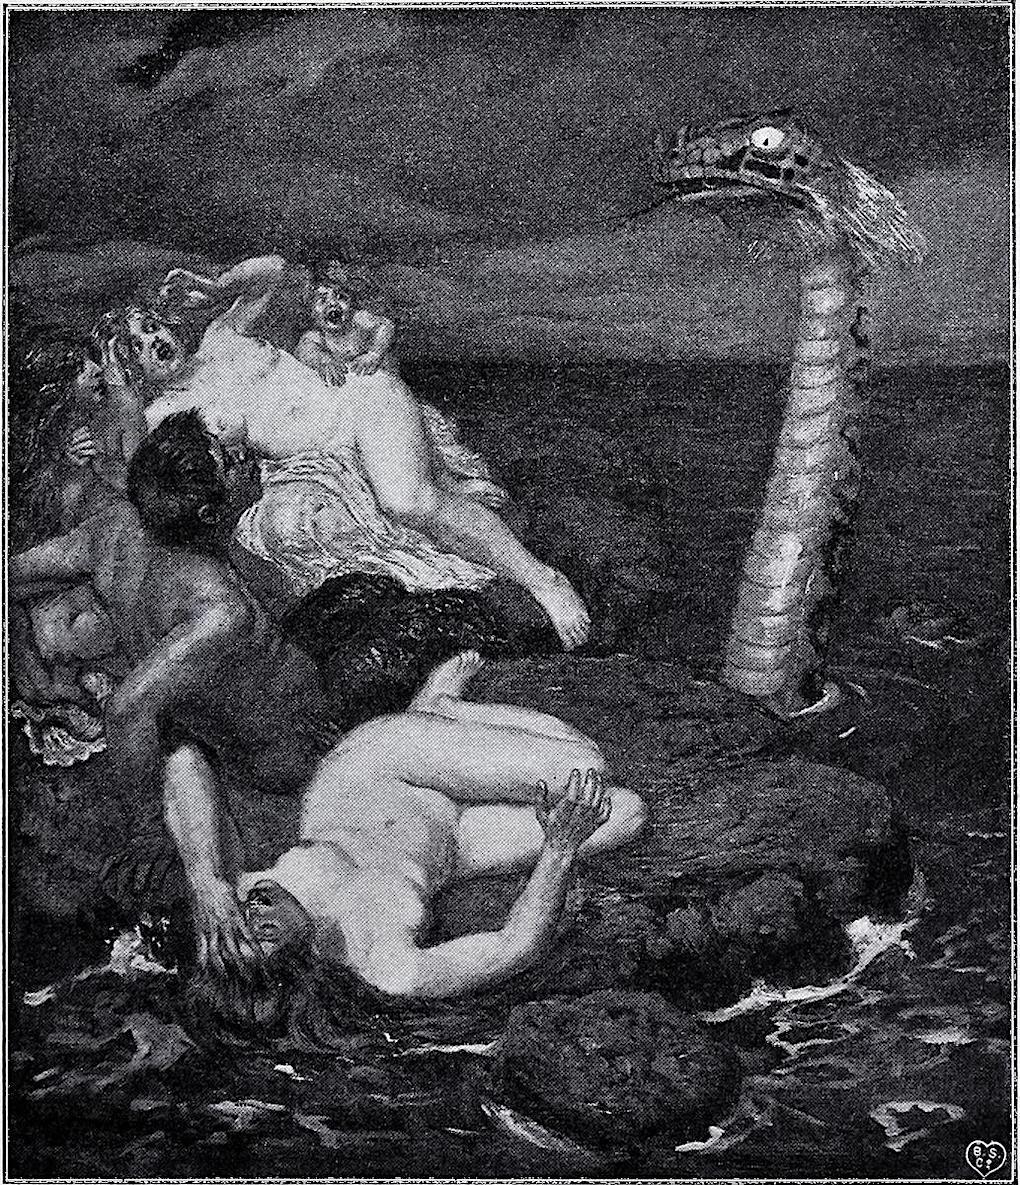 Alexander Frenz 1902 art, a water monster frightens people